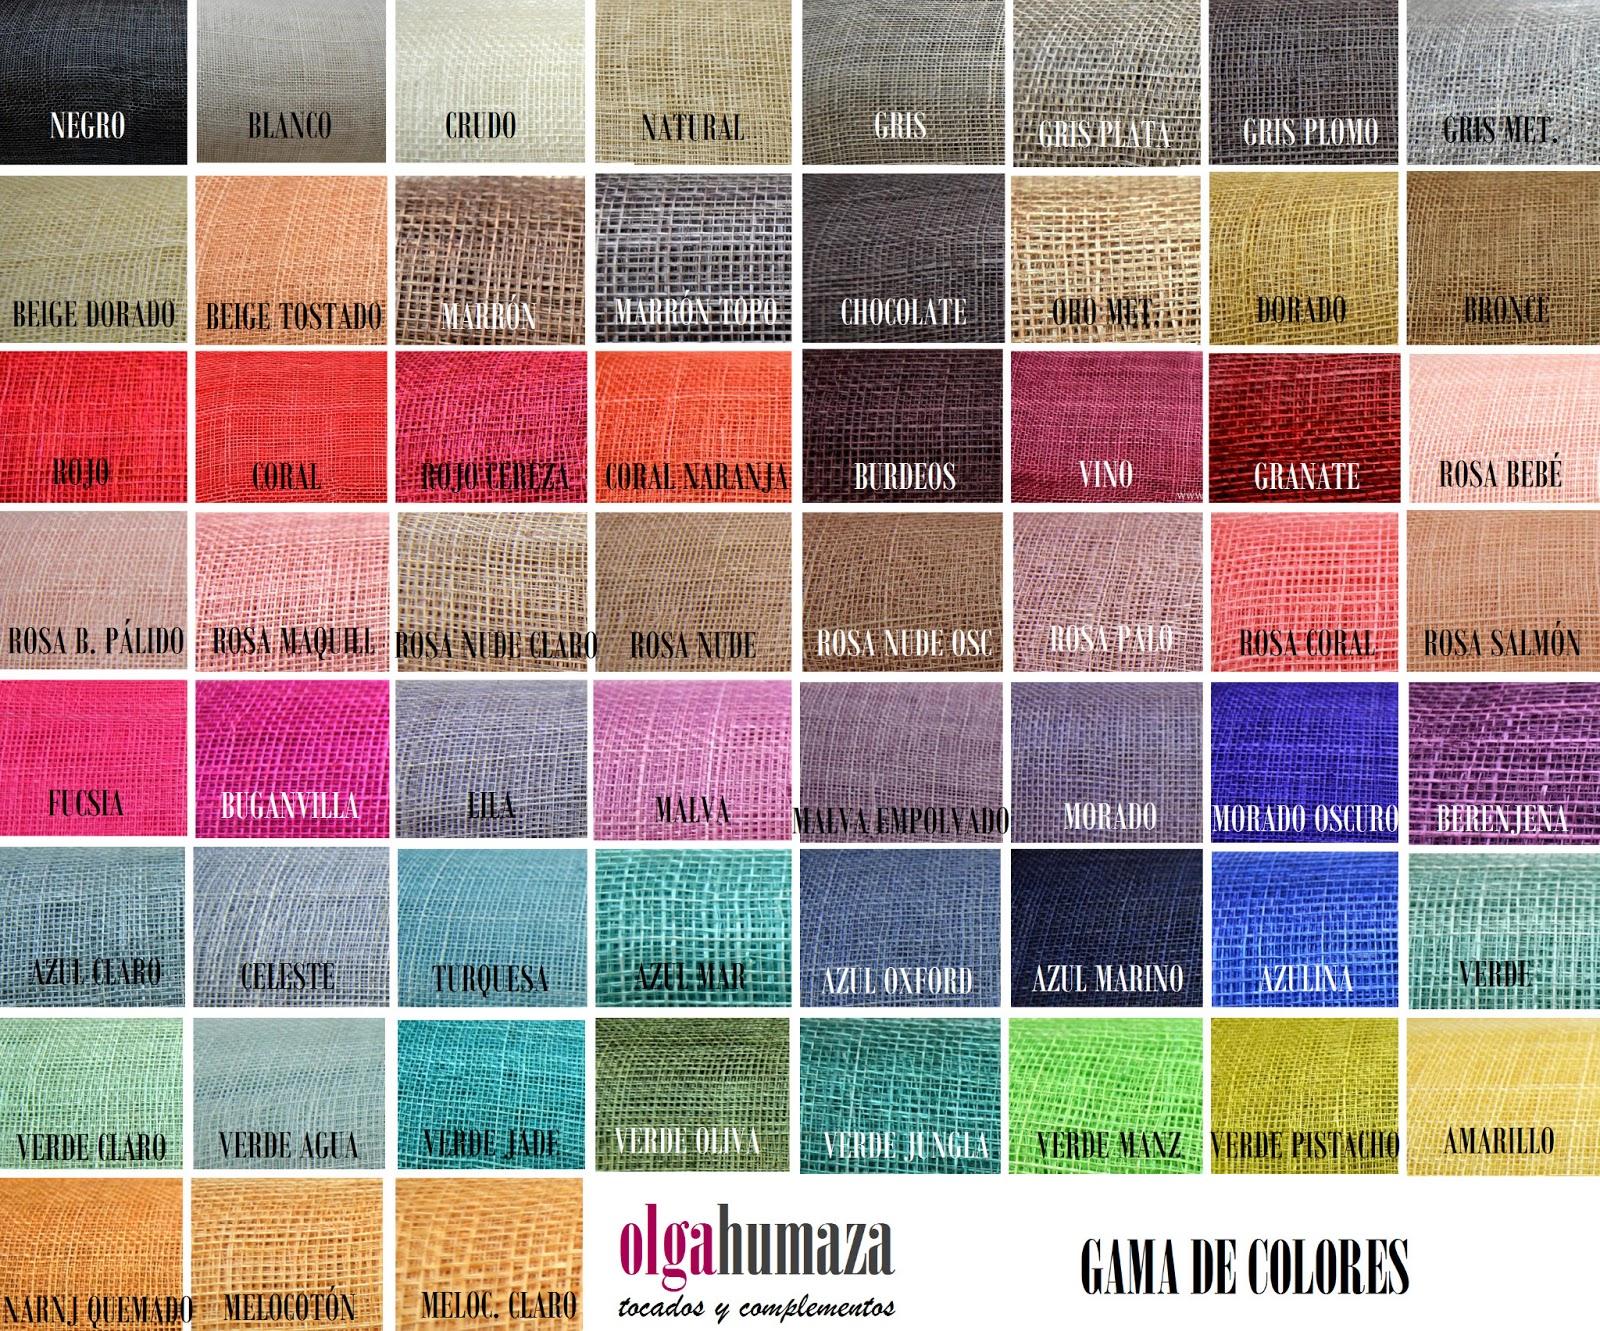 Olga humaza tocados y complementos junio 2013 - Gama de colores rosas ...